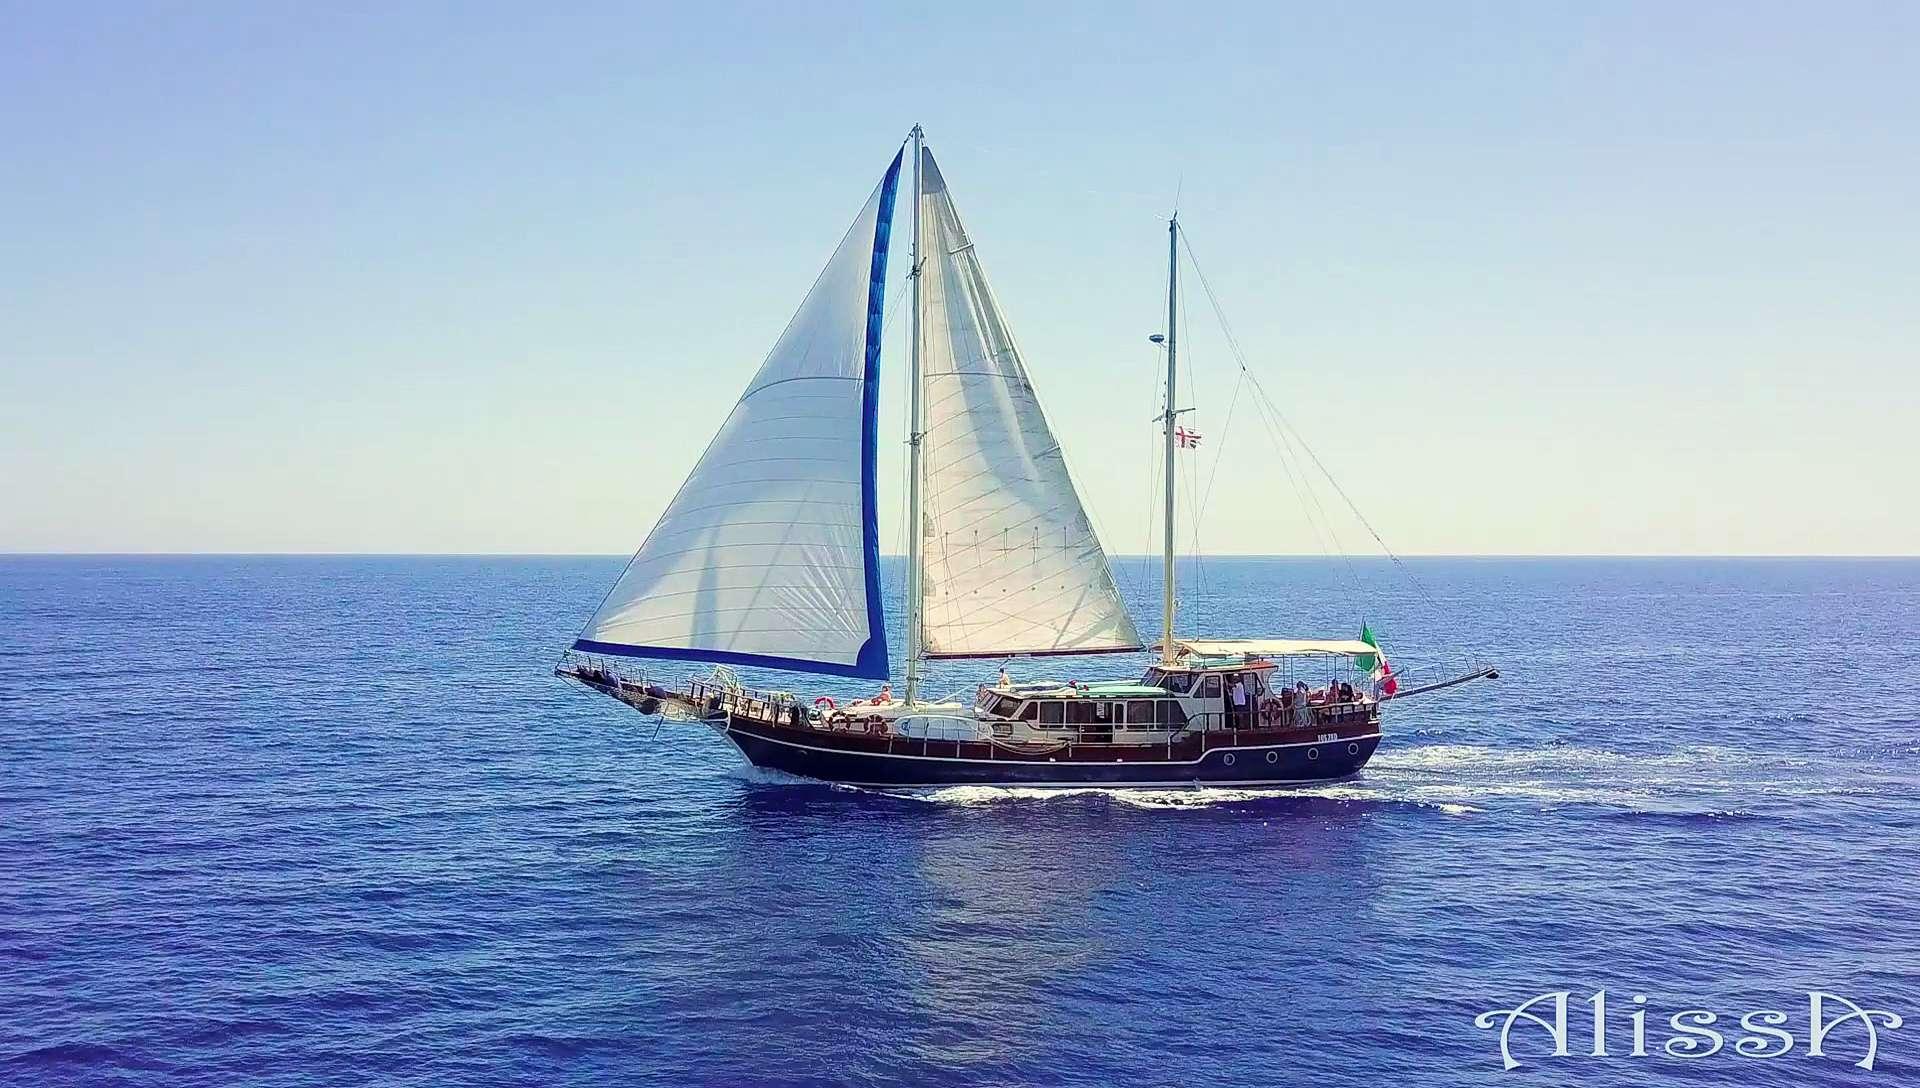 Motors Yacht 'Motors', 11 PAX, 3 Crew, 75.00 Ft, 23.00 Meters, Built 1999, Bodrum Shipyard, Refit Year 2017